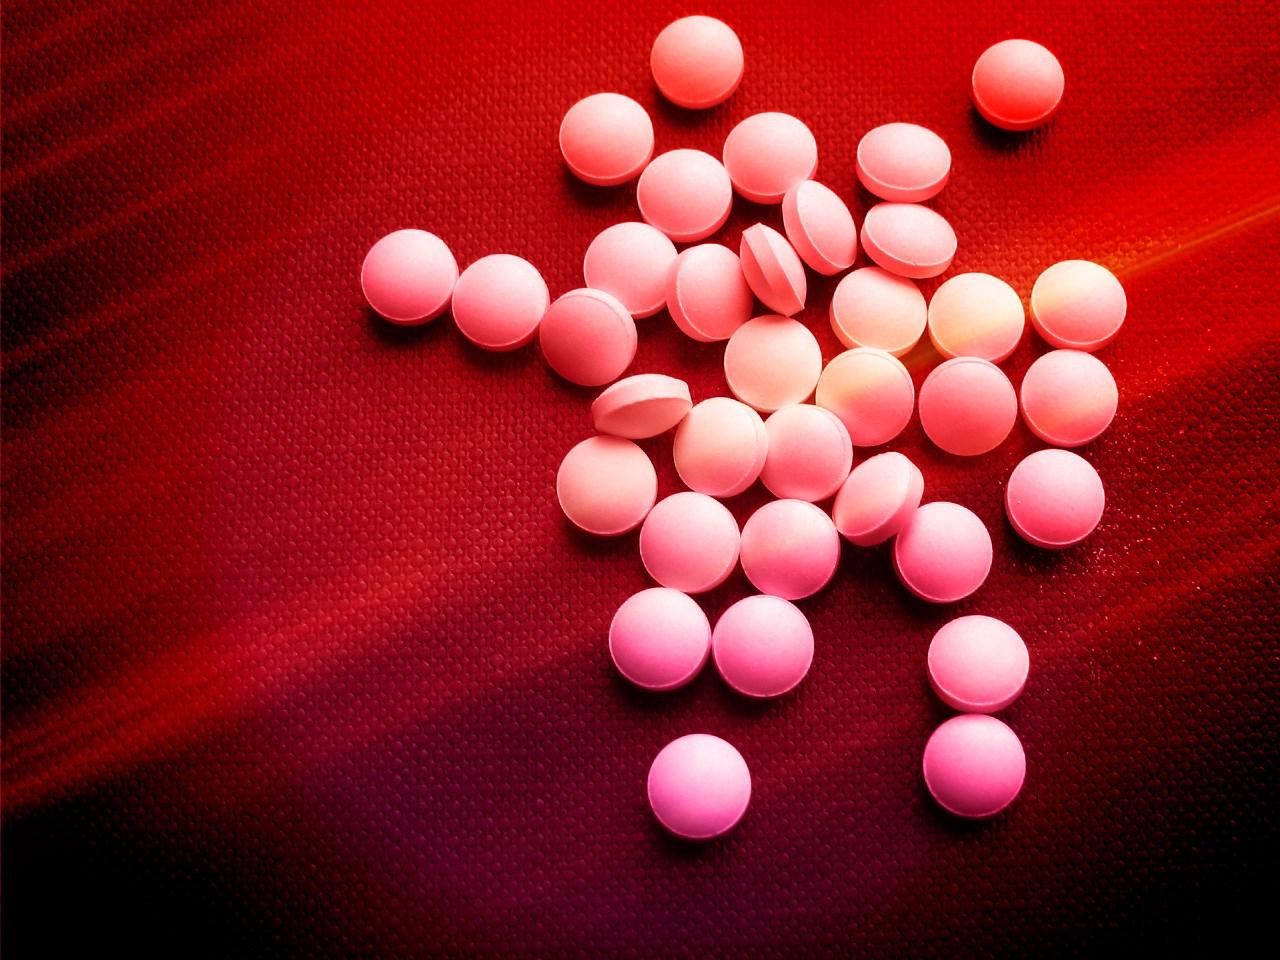 PillsMGN_156336